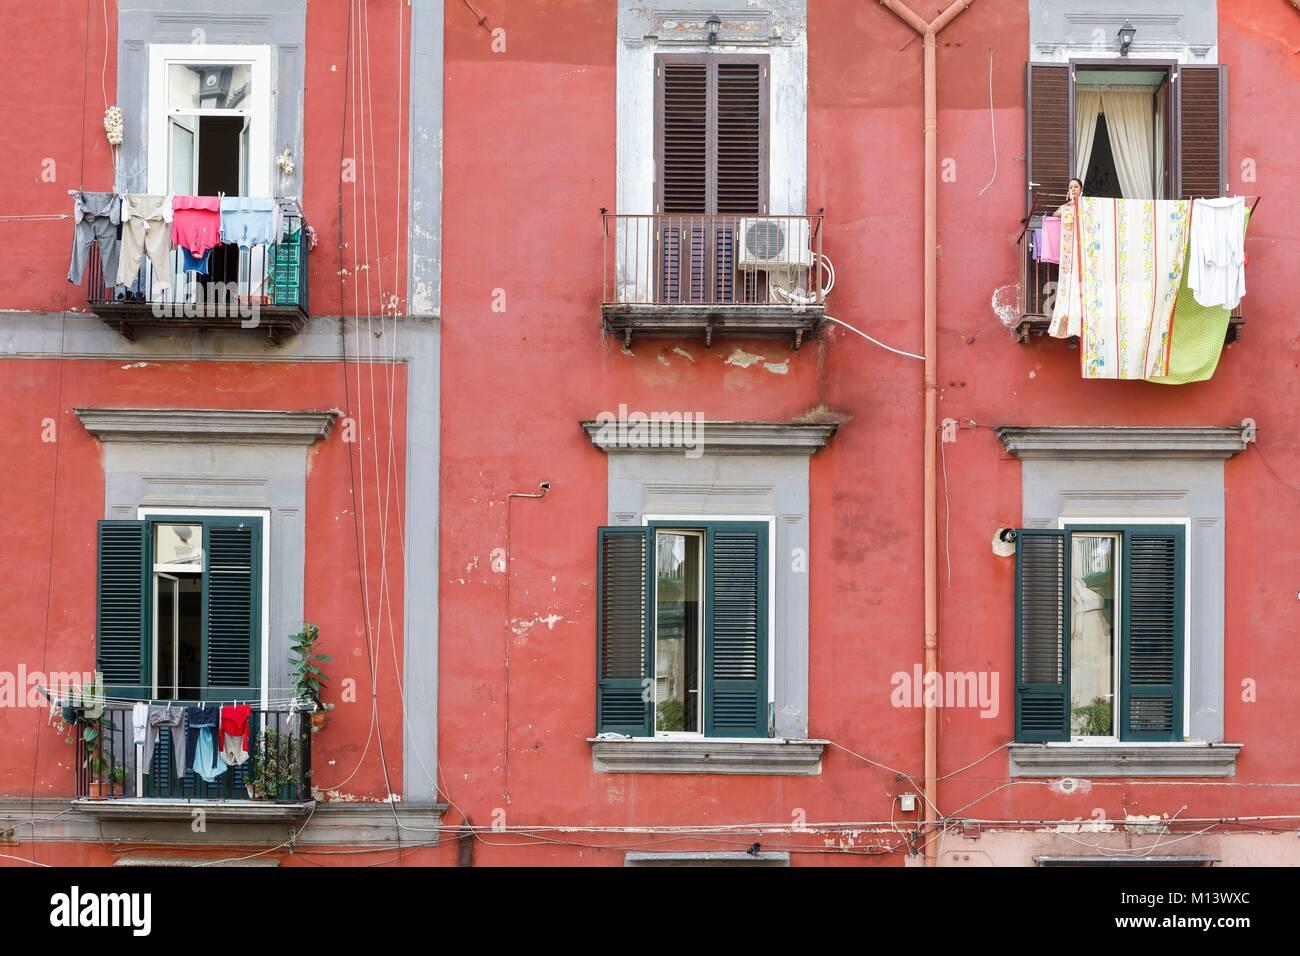 Italia, Campania, Nápoles, centro histórico catalogado como Patrimonio Mundial por la UNESCO, la construcción Imagen De Stock